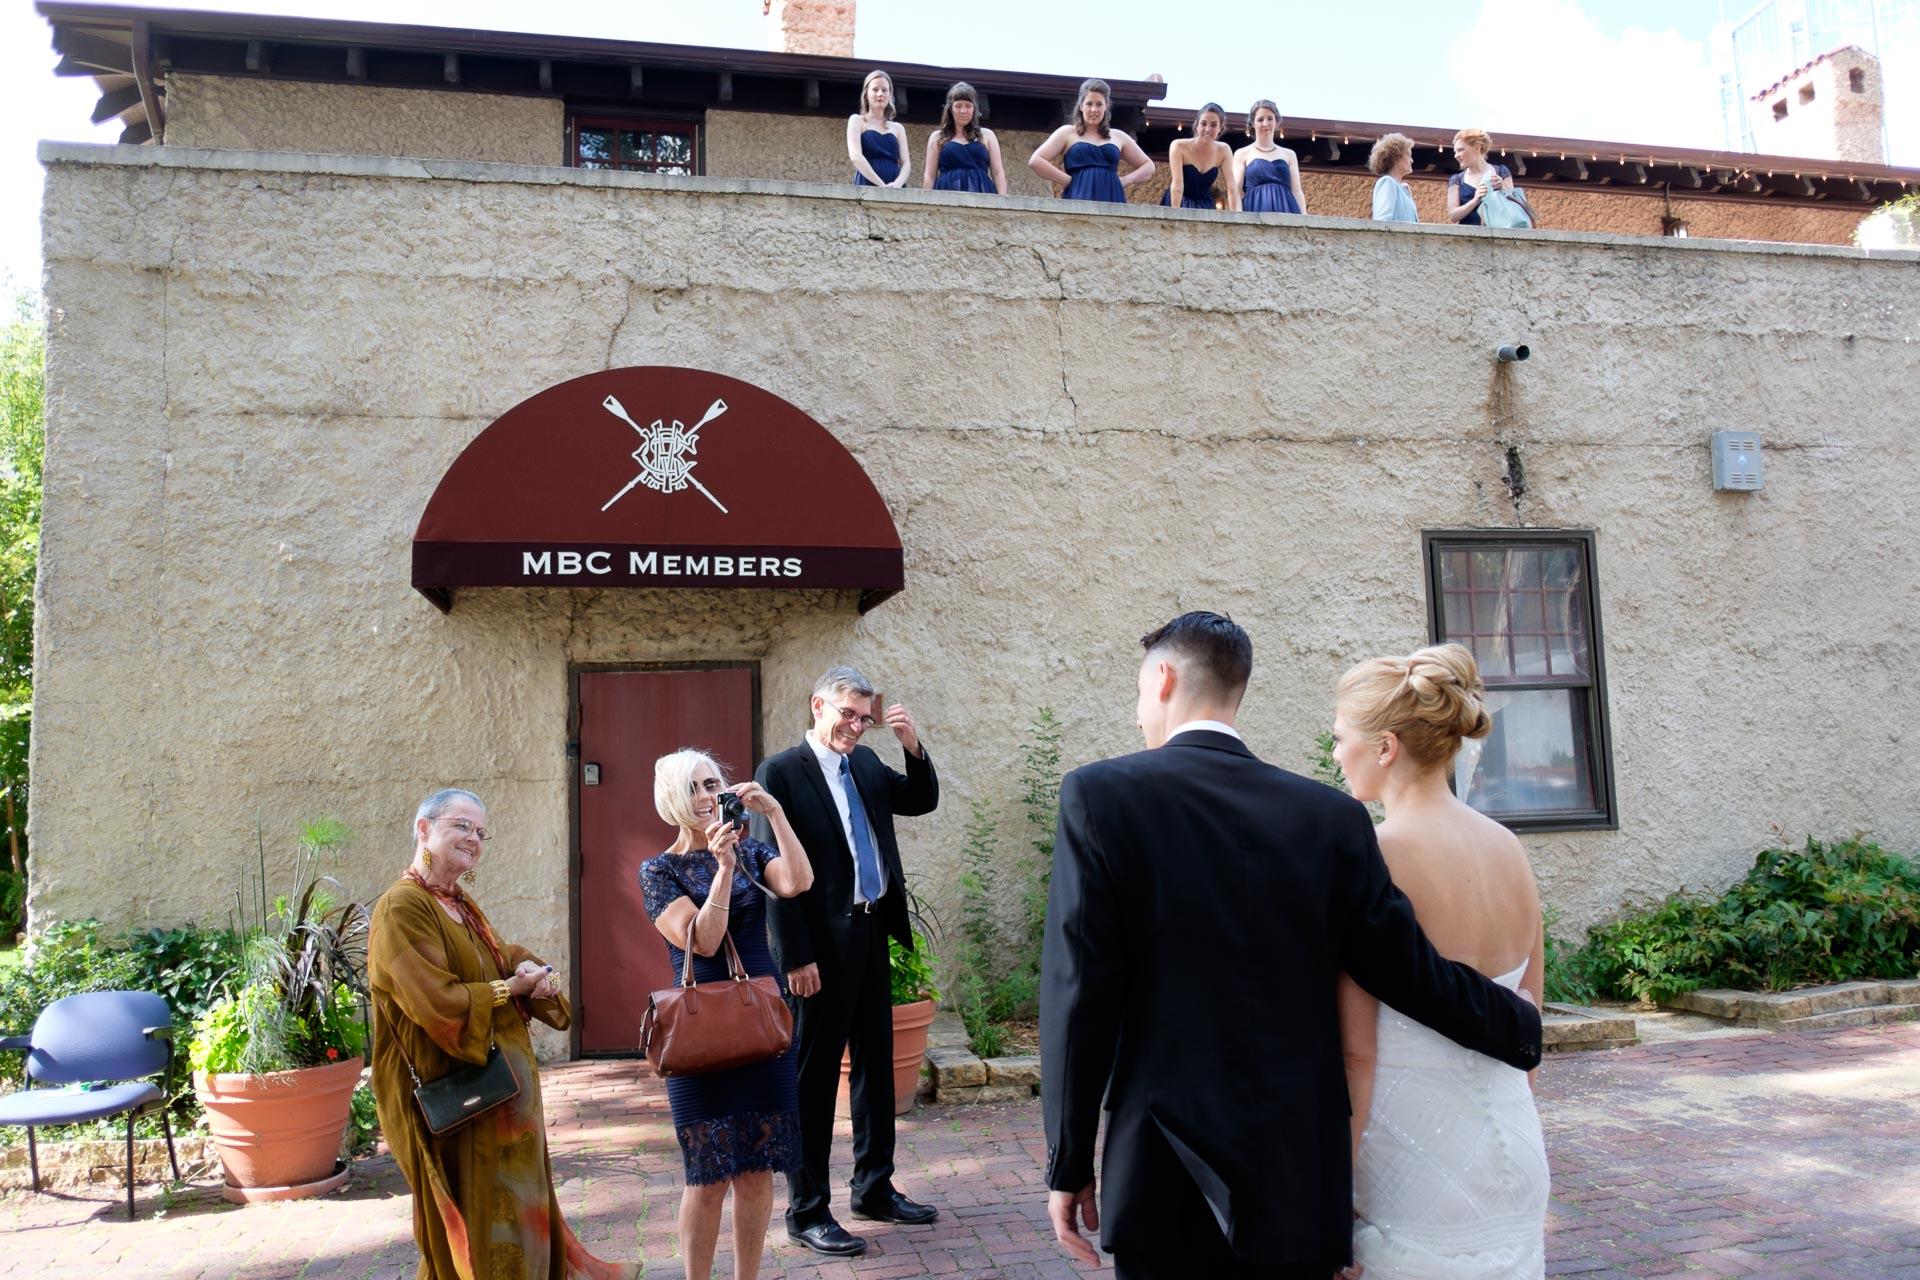 minnesota-boat-club-wedding-amm-0003